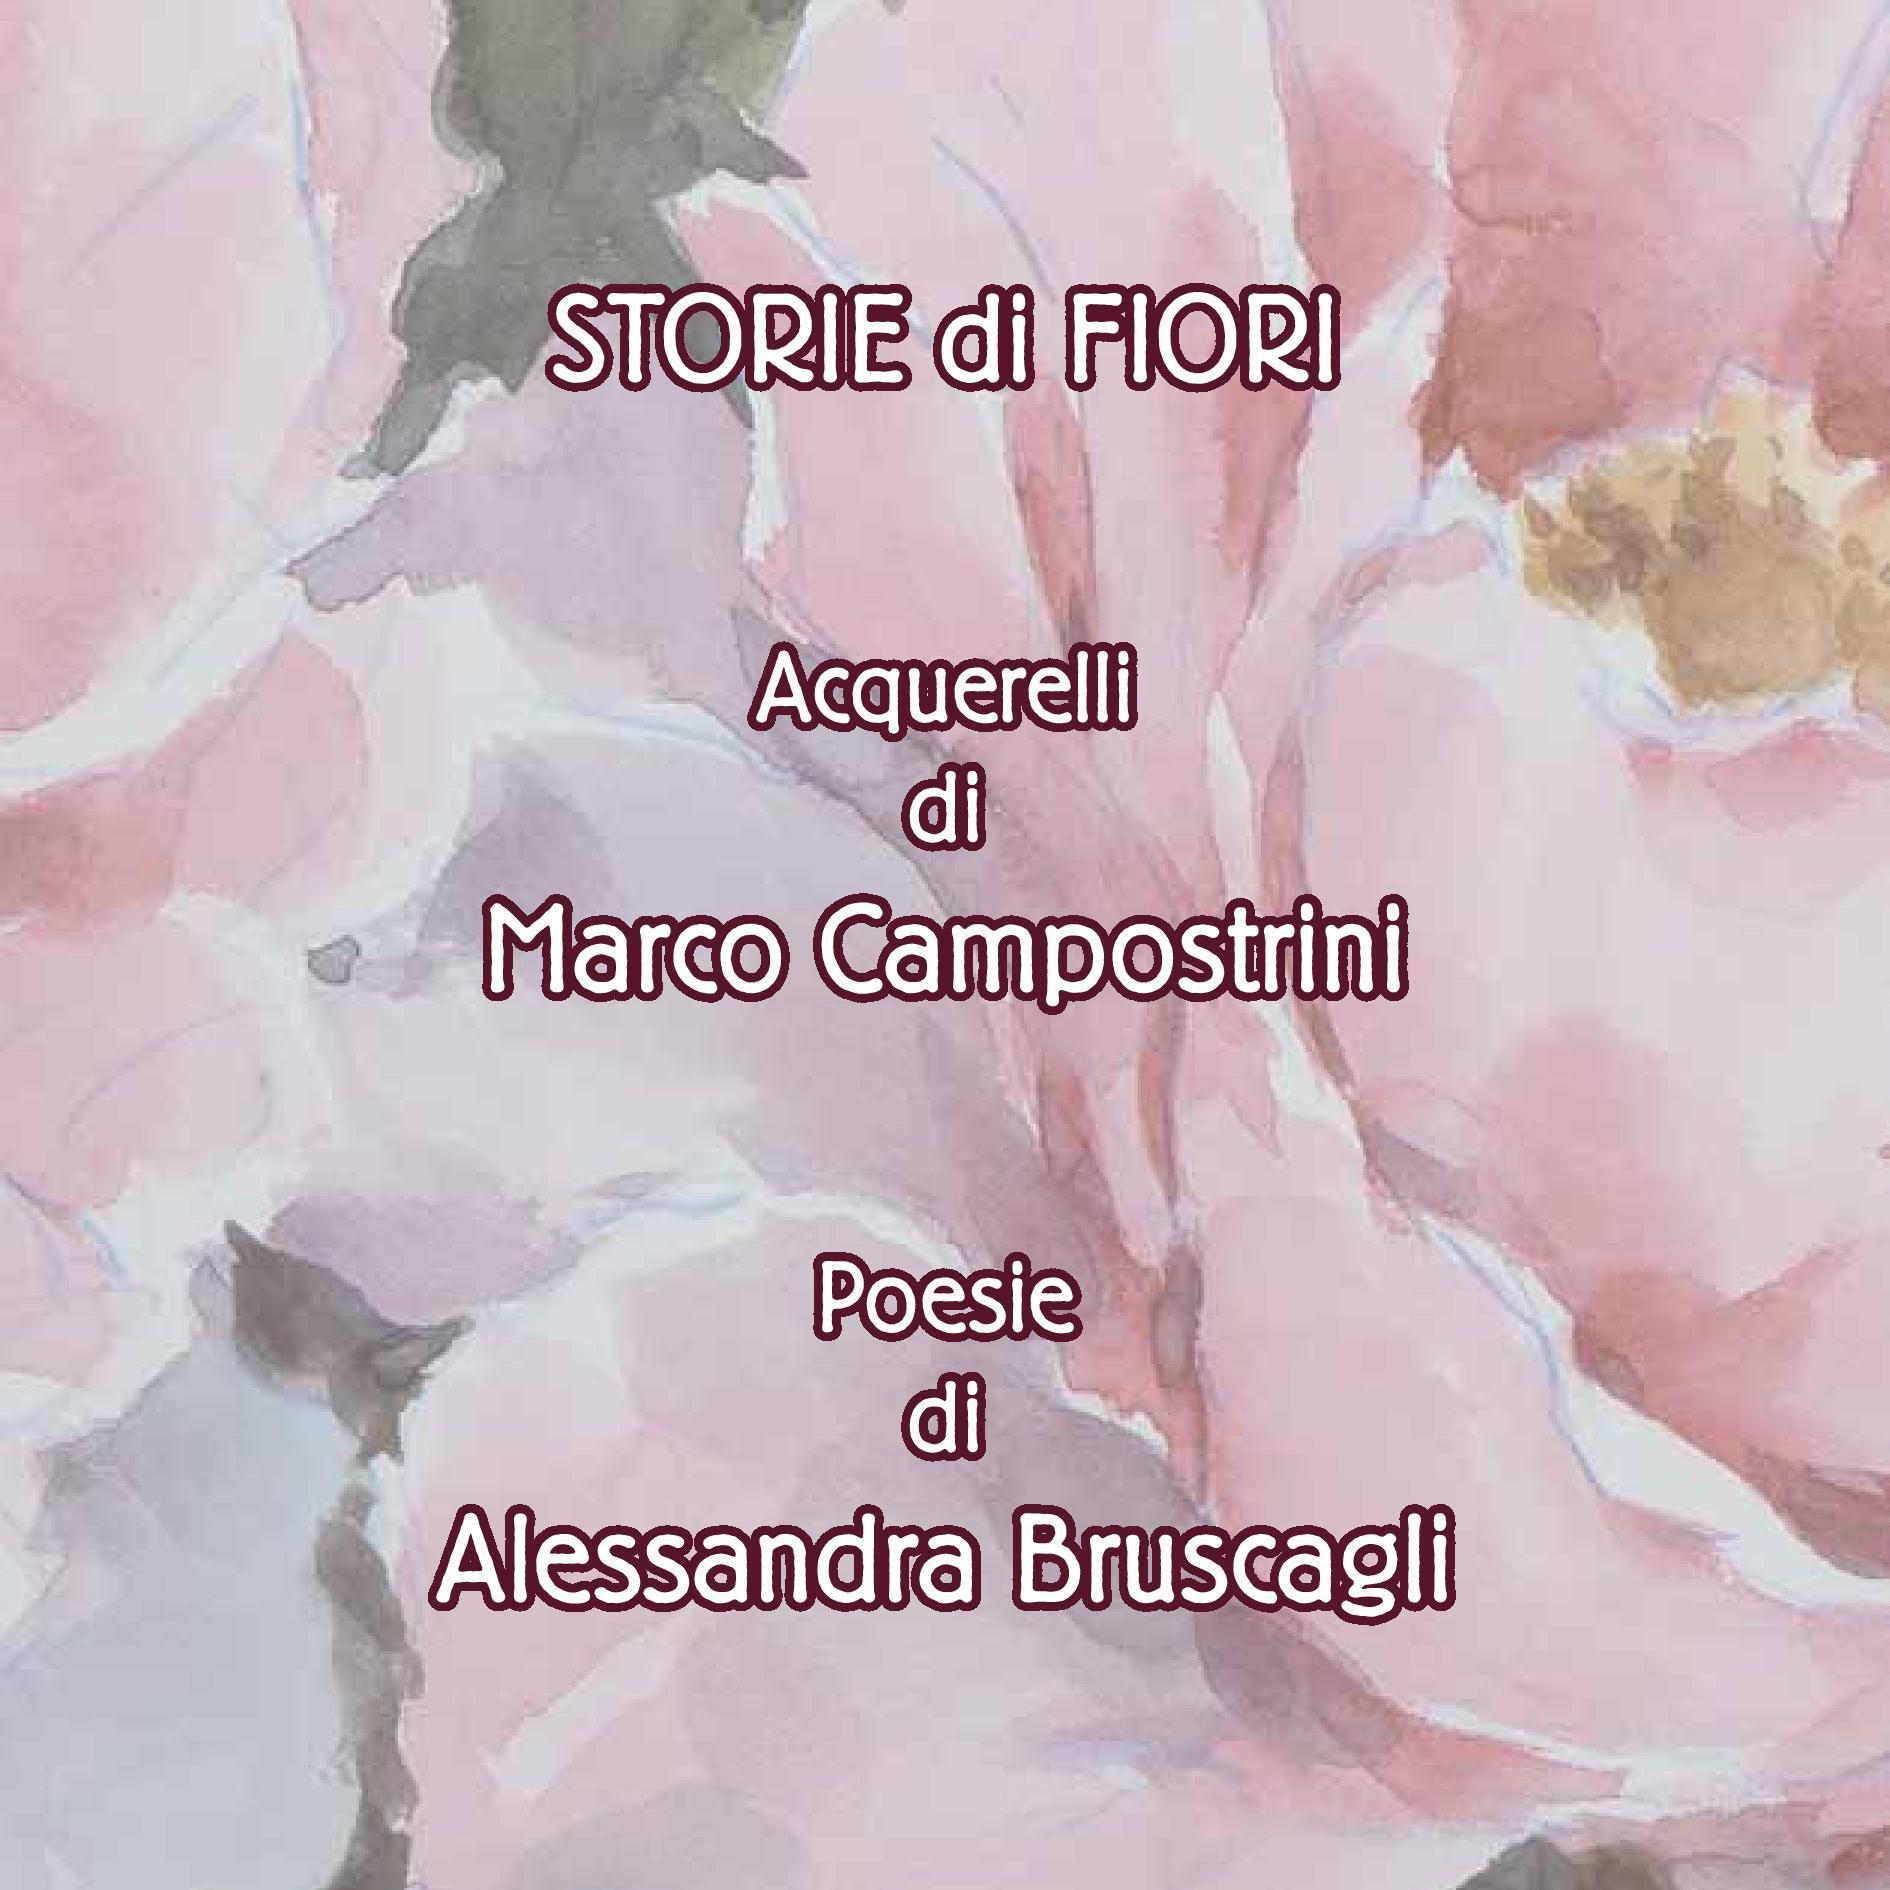 STORIE DI FIORI (1)-page-001